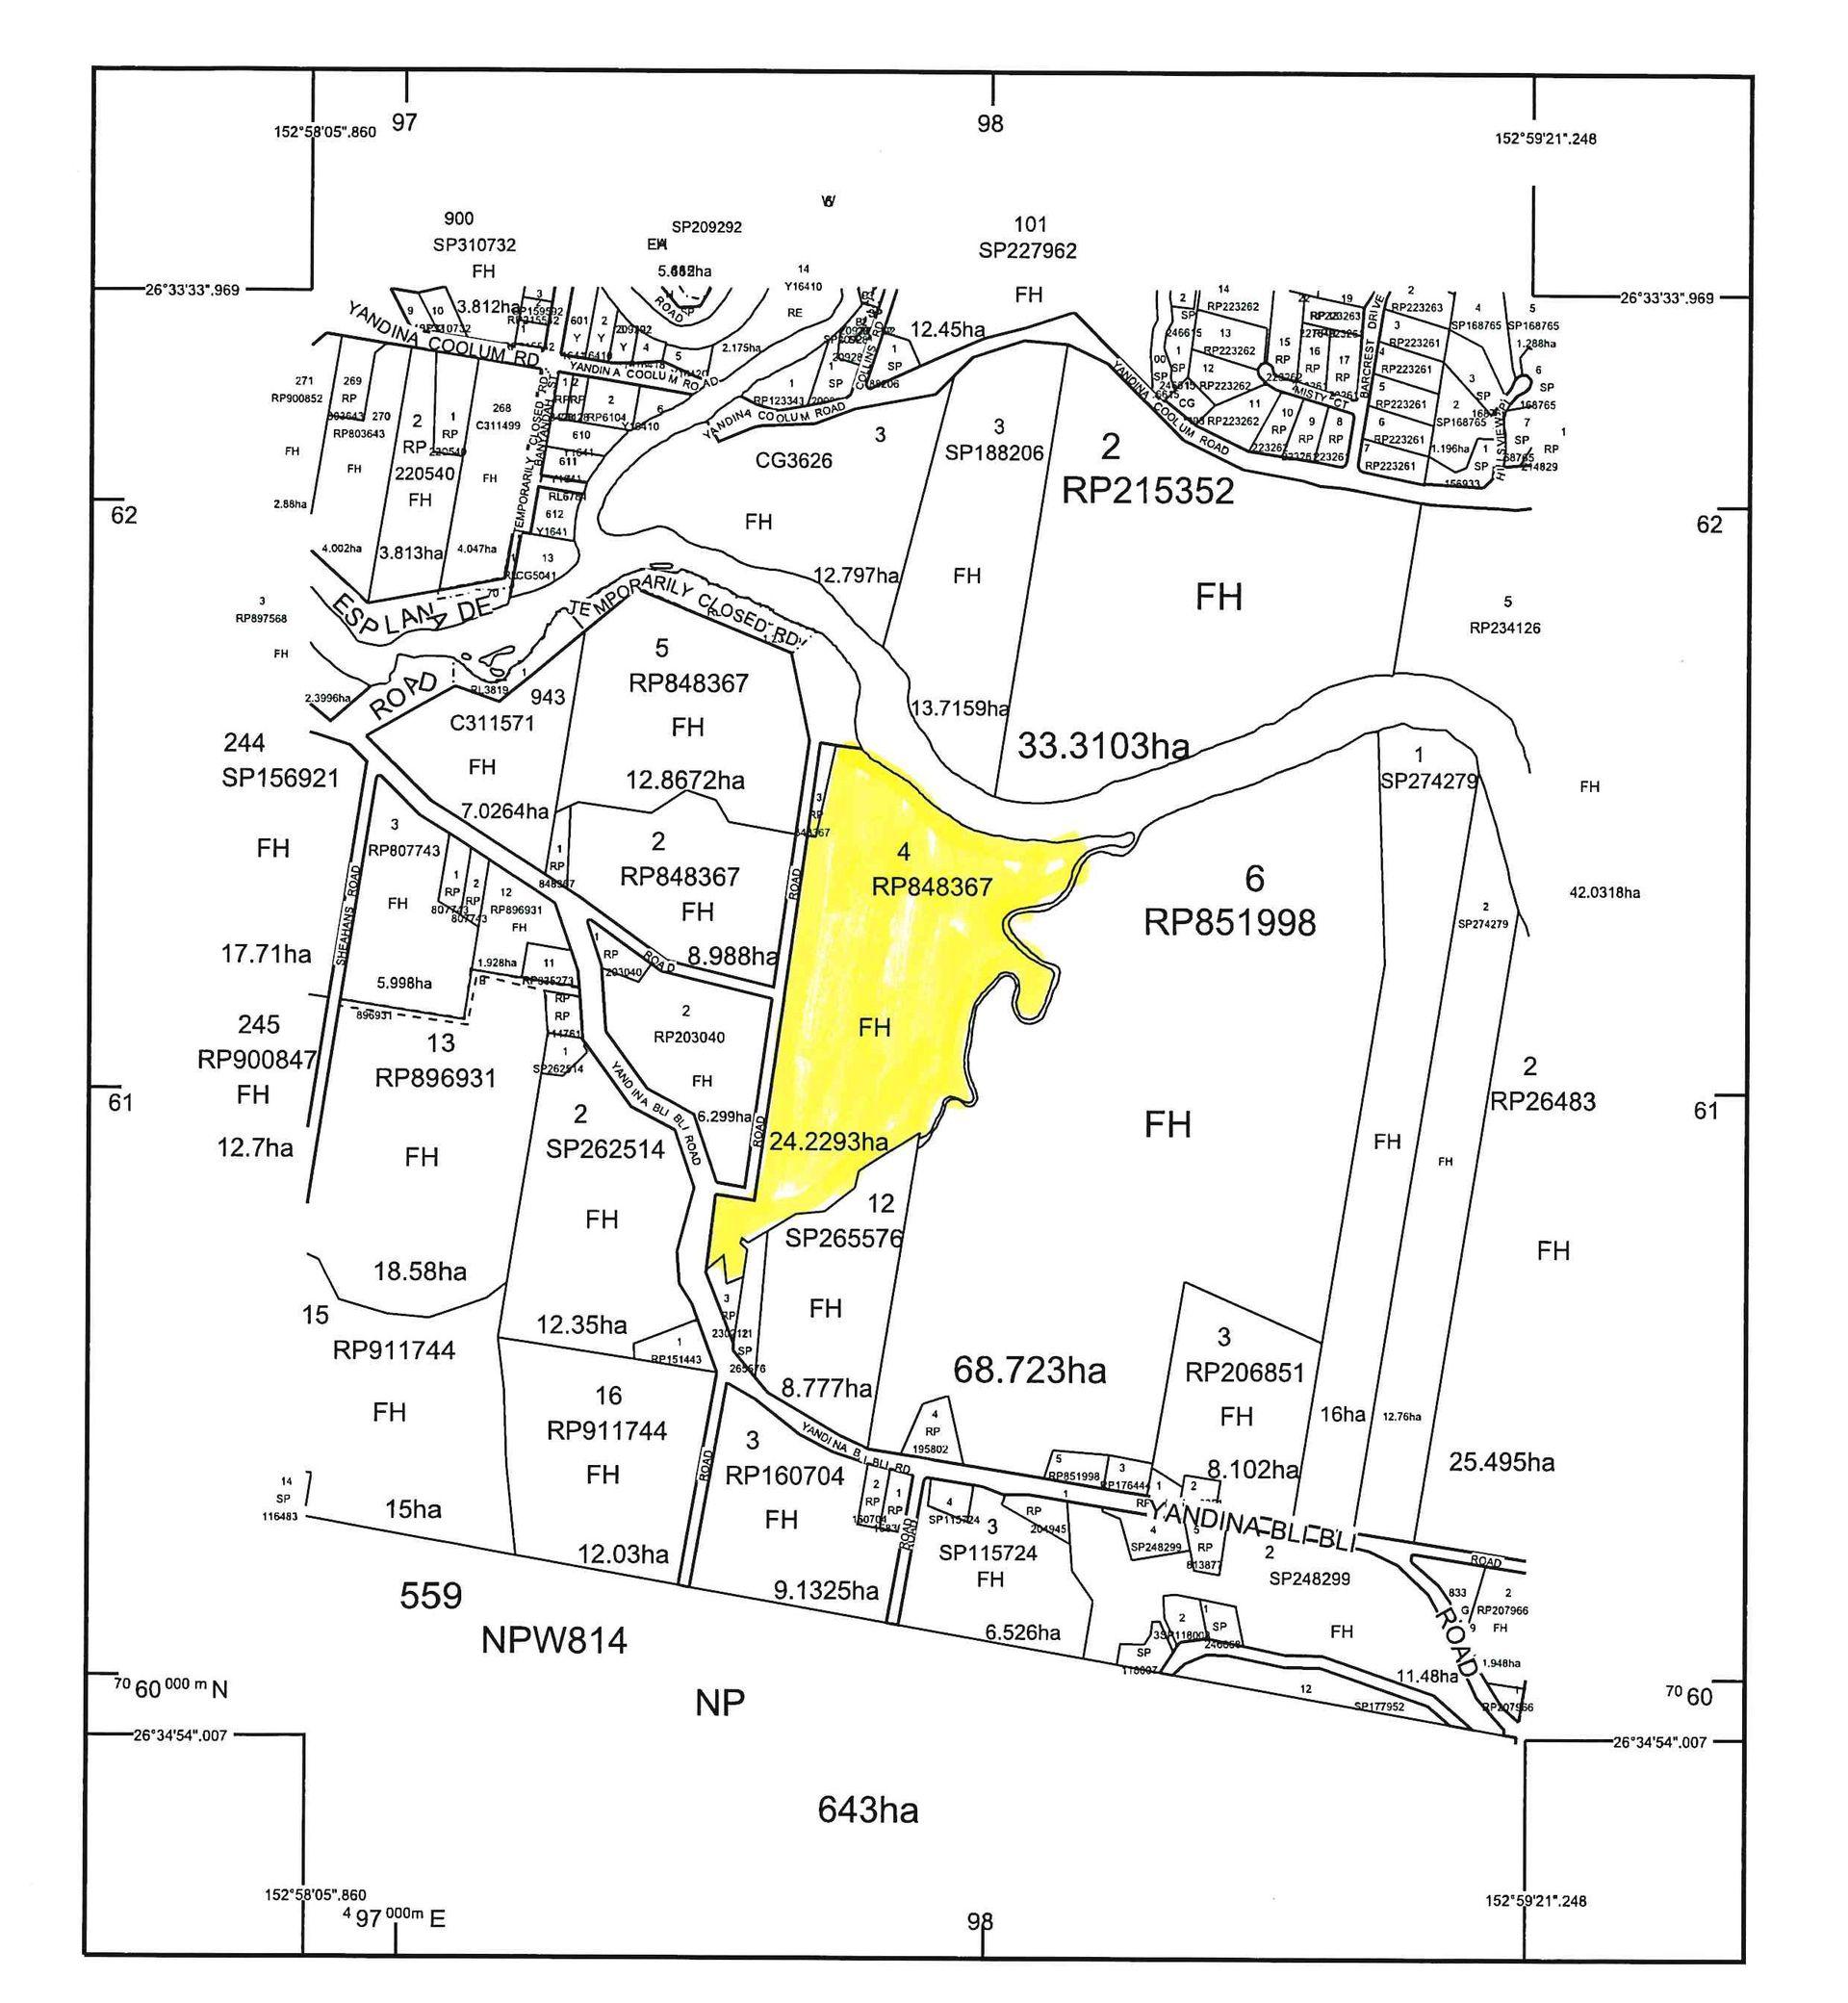 Lot 4 Yandina Bli Bli Road, Yandina, QLD  4561